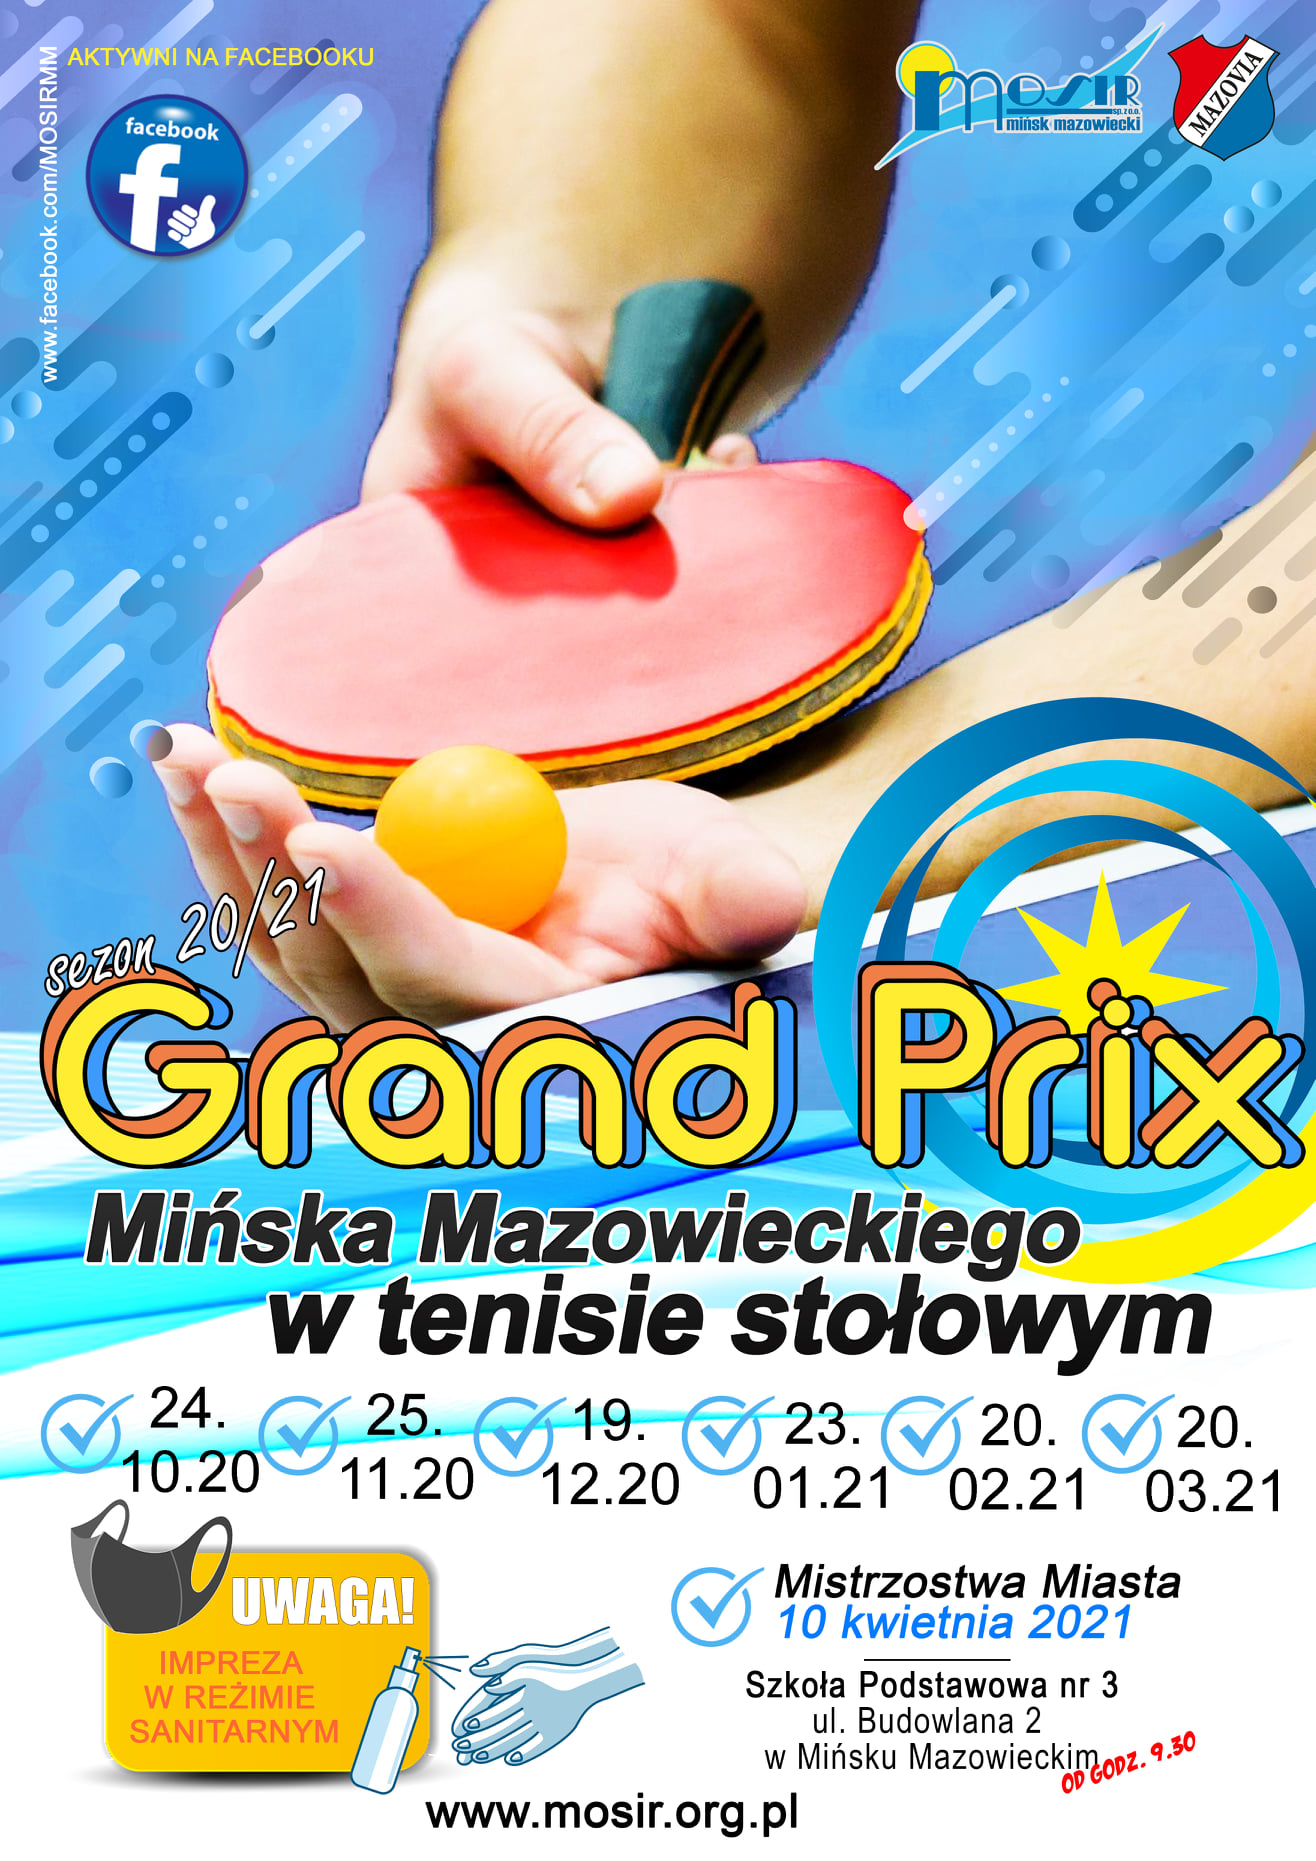 Plakat turnieju Grand Prix Mińska Mazowieckiego w tenisie stołowym w sezonie 2020/2021 - termin 7